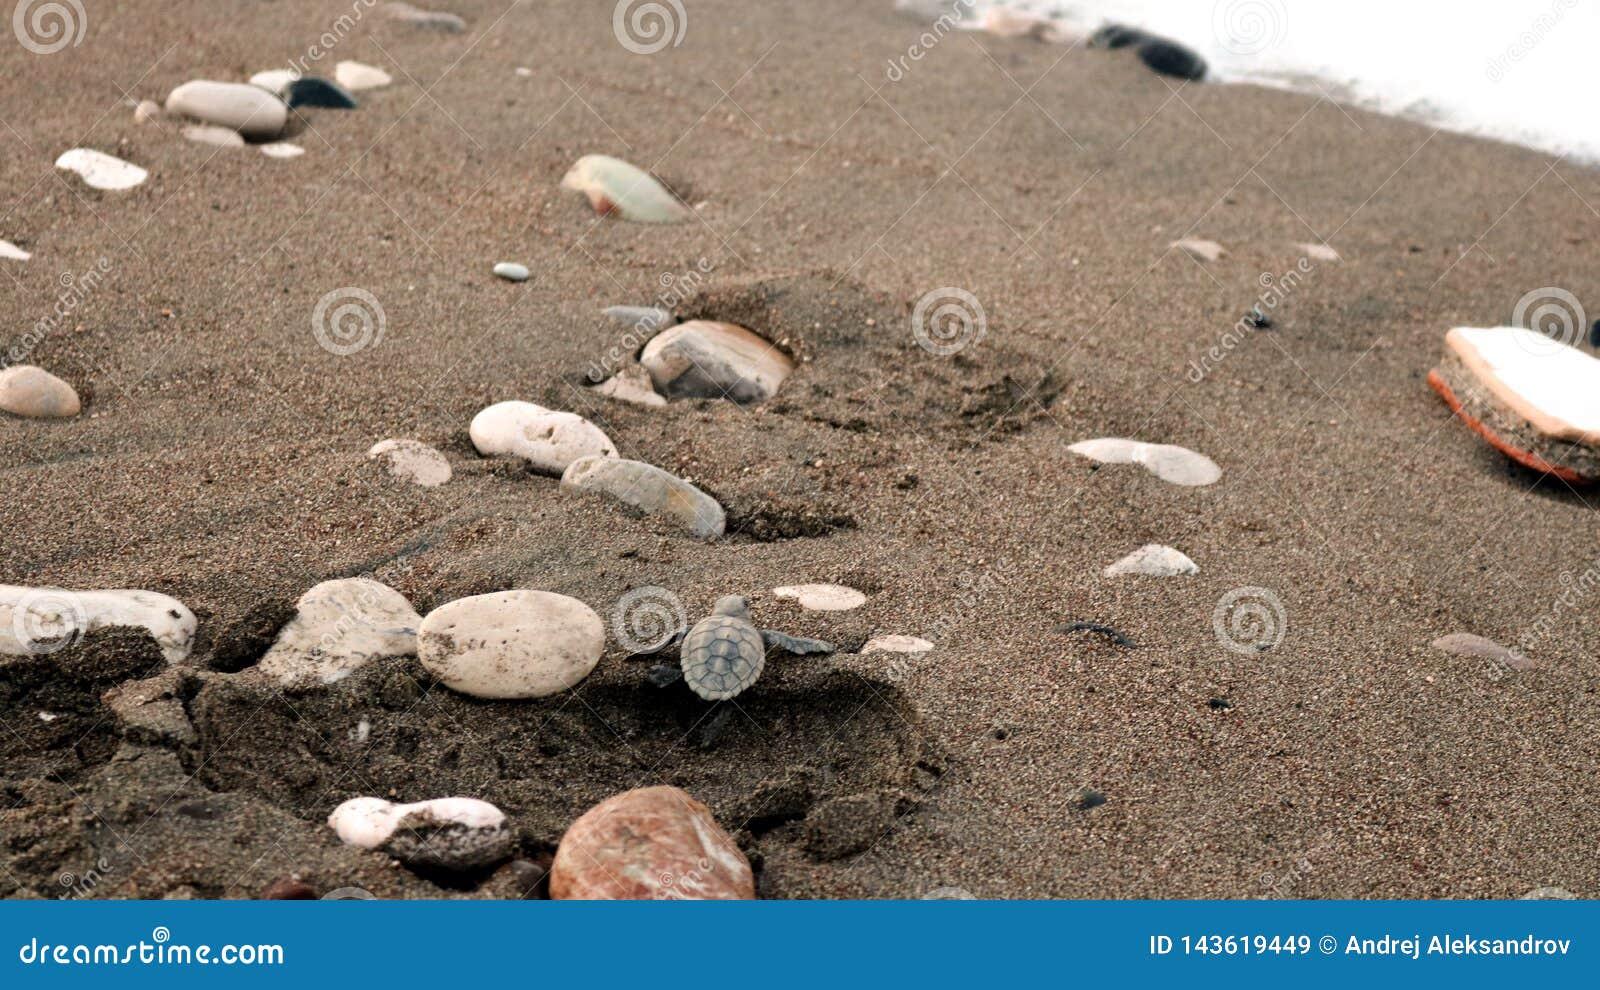 Caretta Caretta Hatchlingsschildkröte, die in Richtung zum Meer hetzt